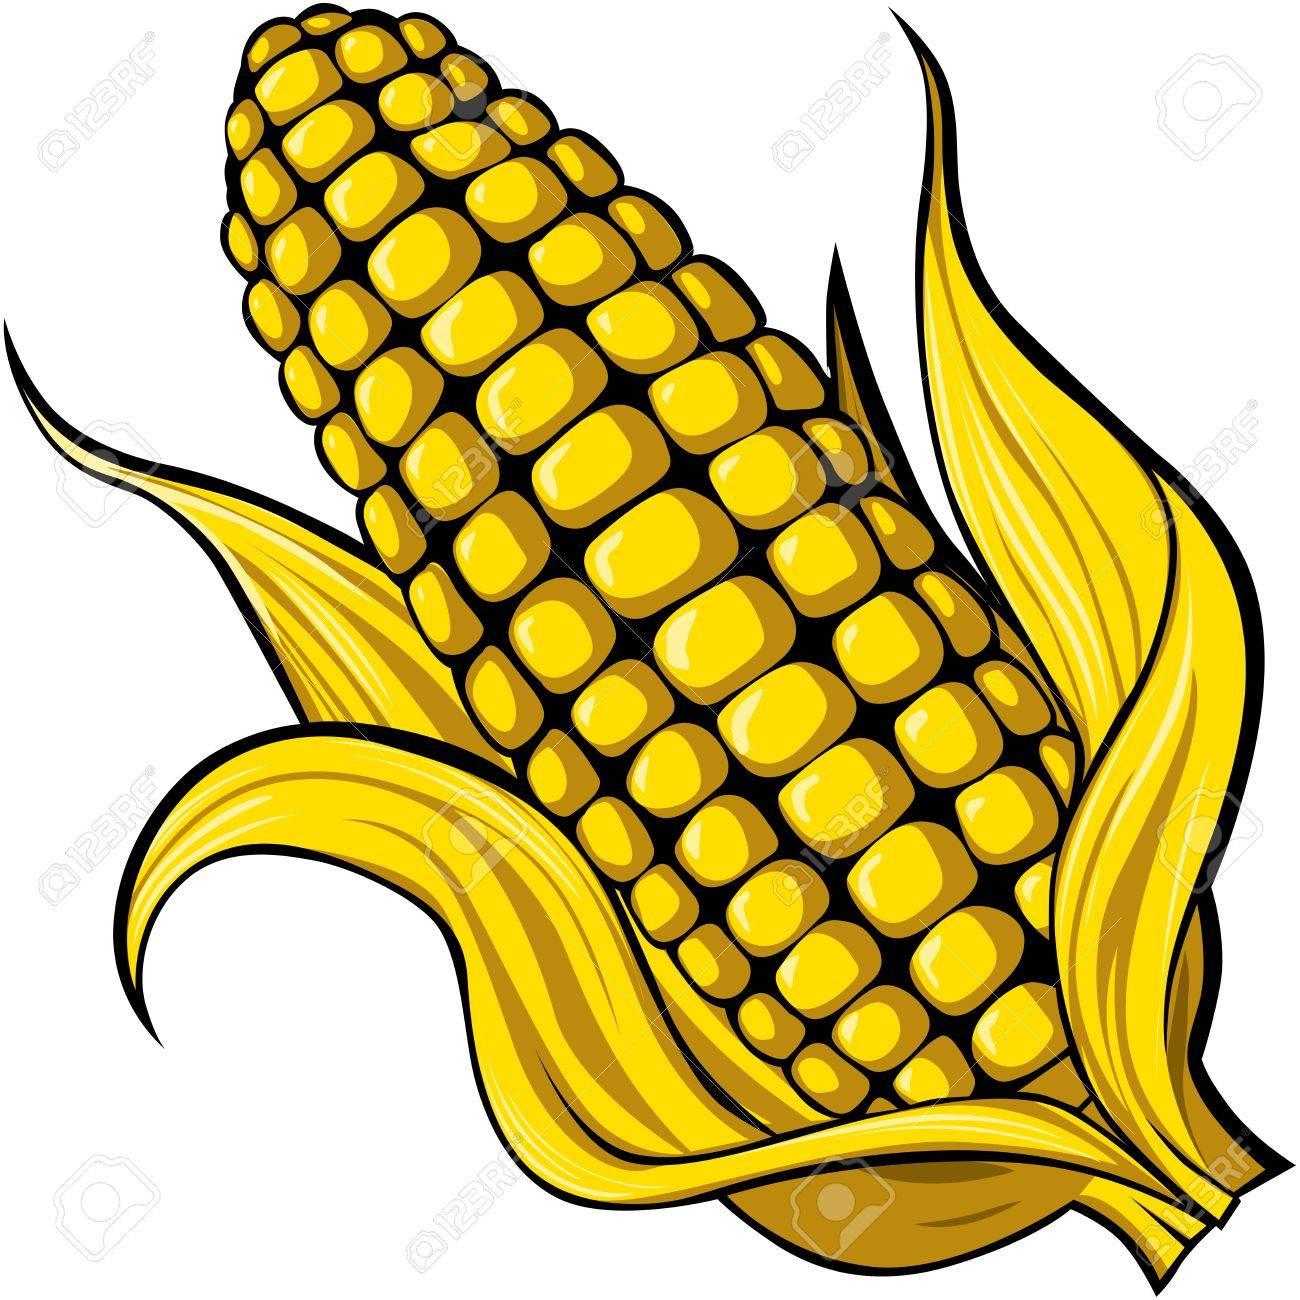 corn - 13847846